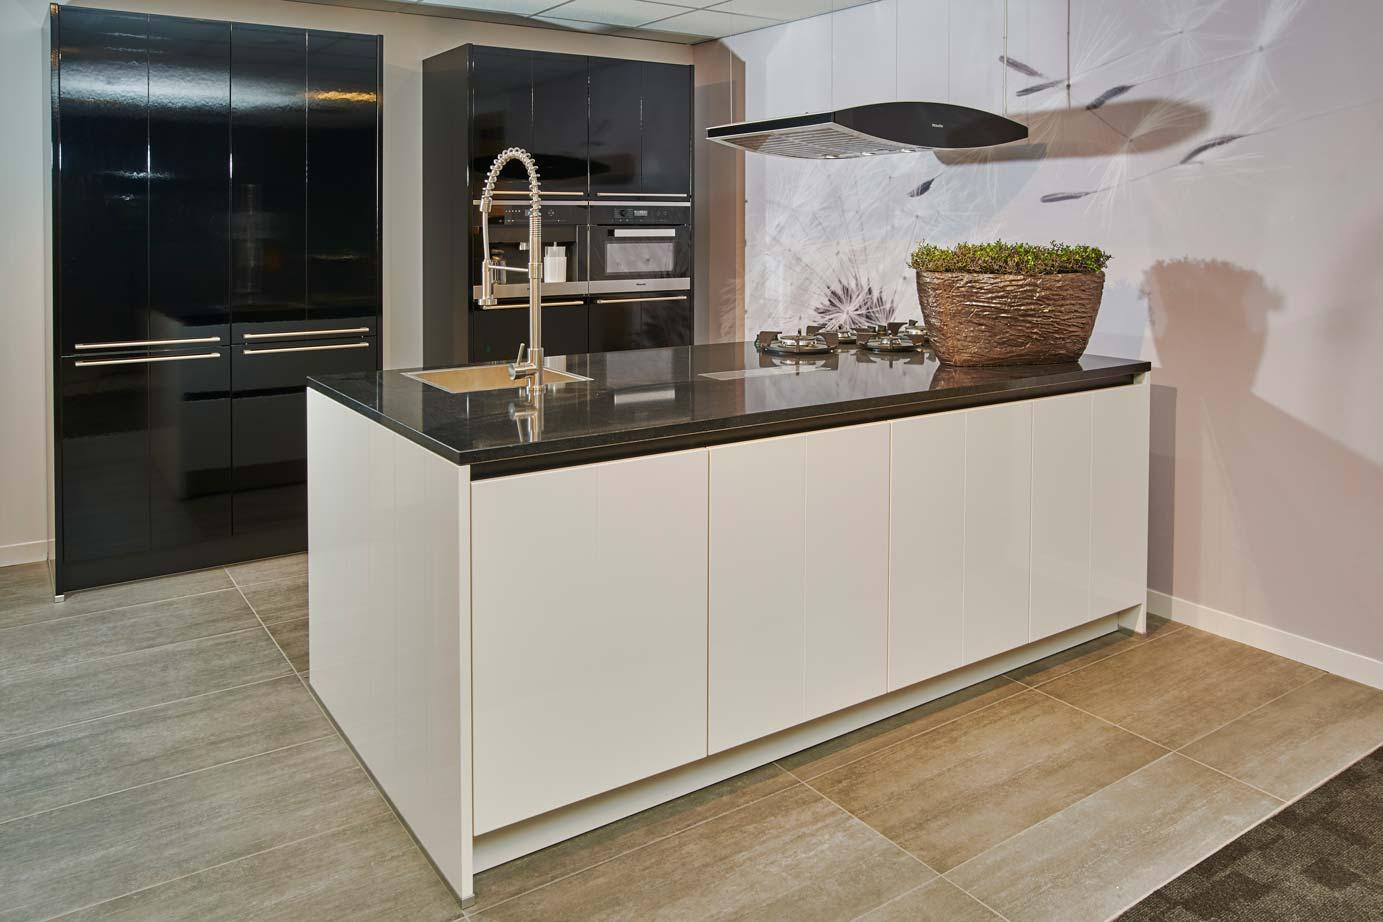 Greeploze Keuken Met Kookeiland : Keuken met kookeiland! – DB Keukens